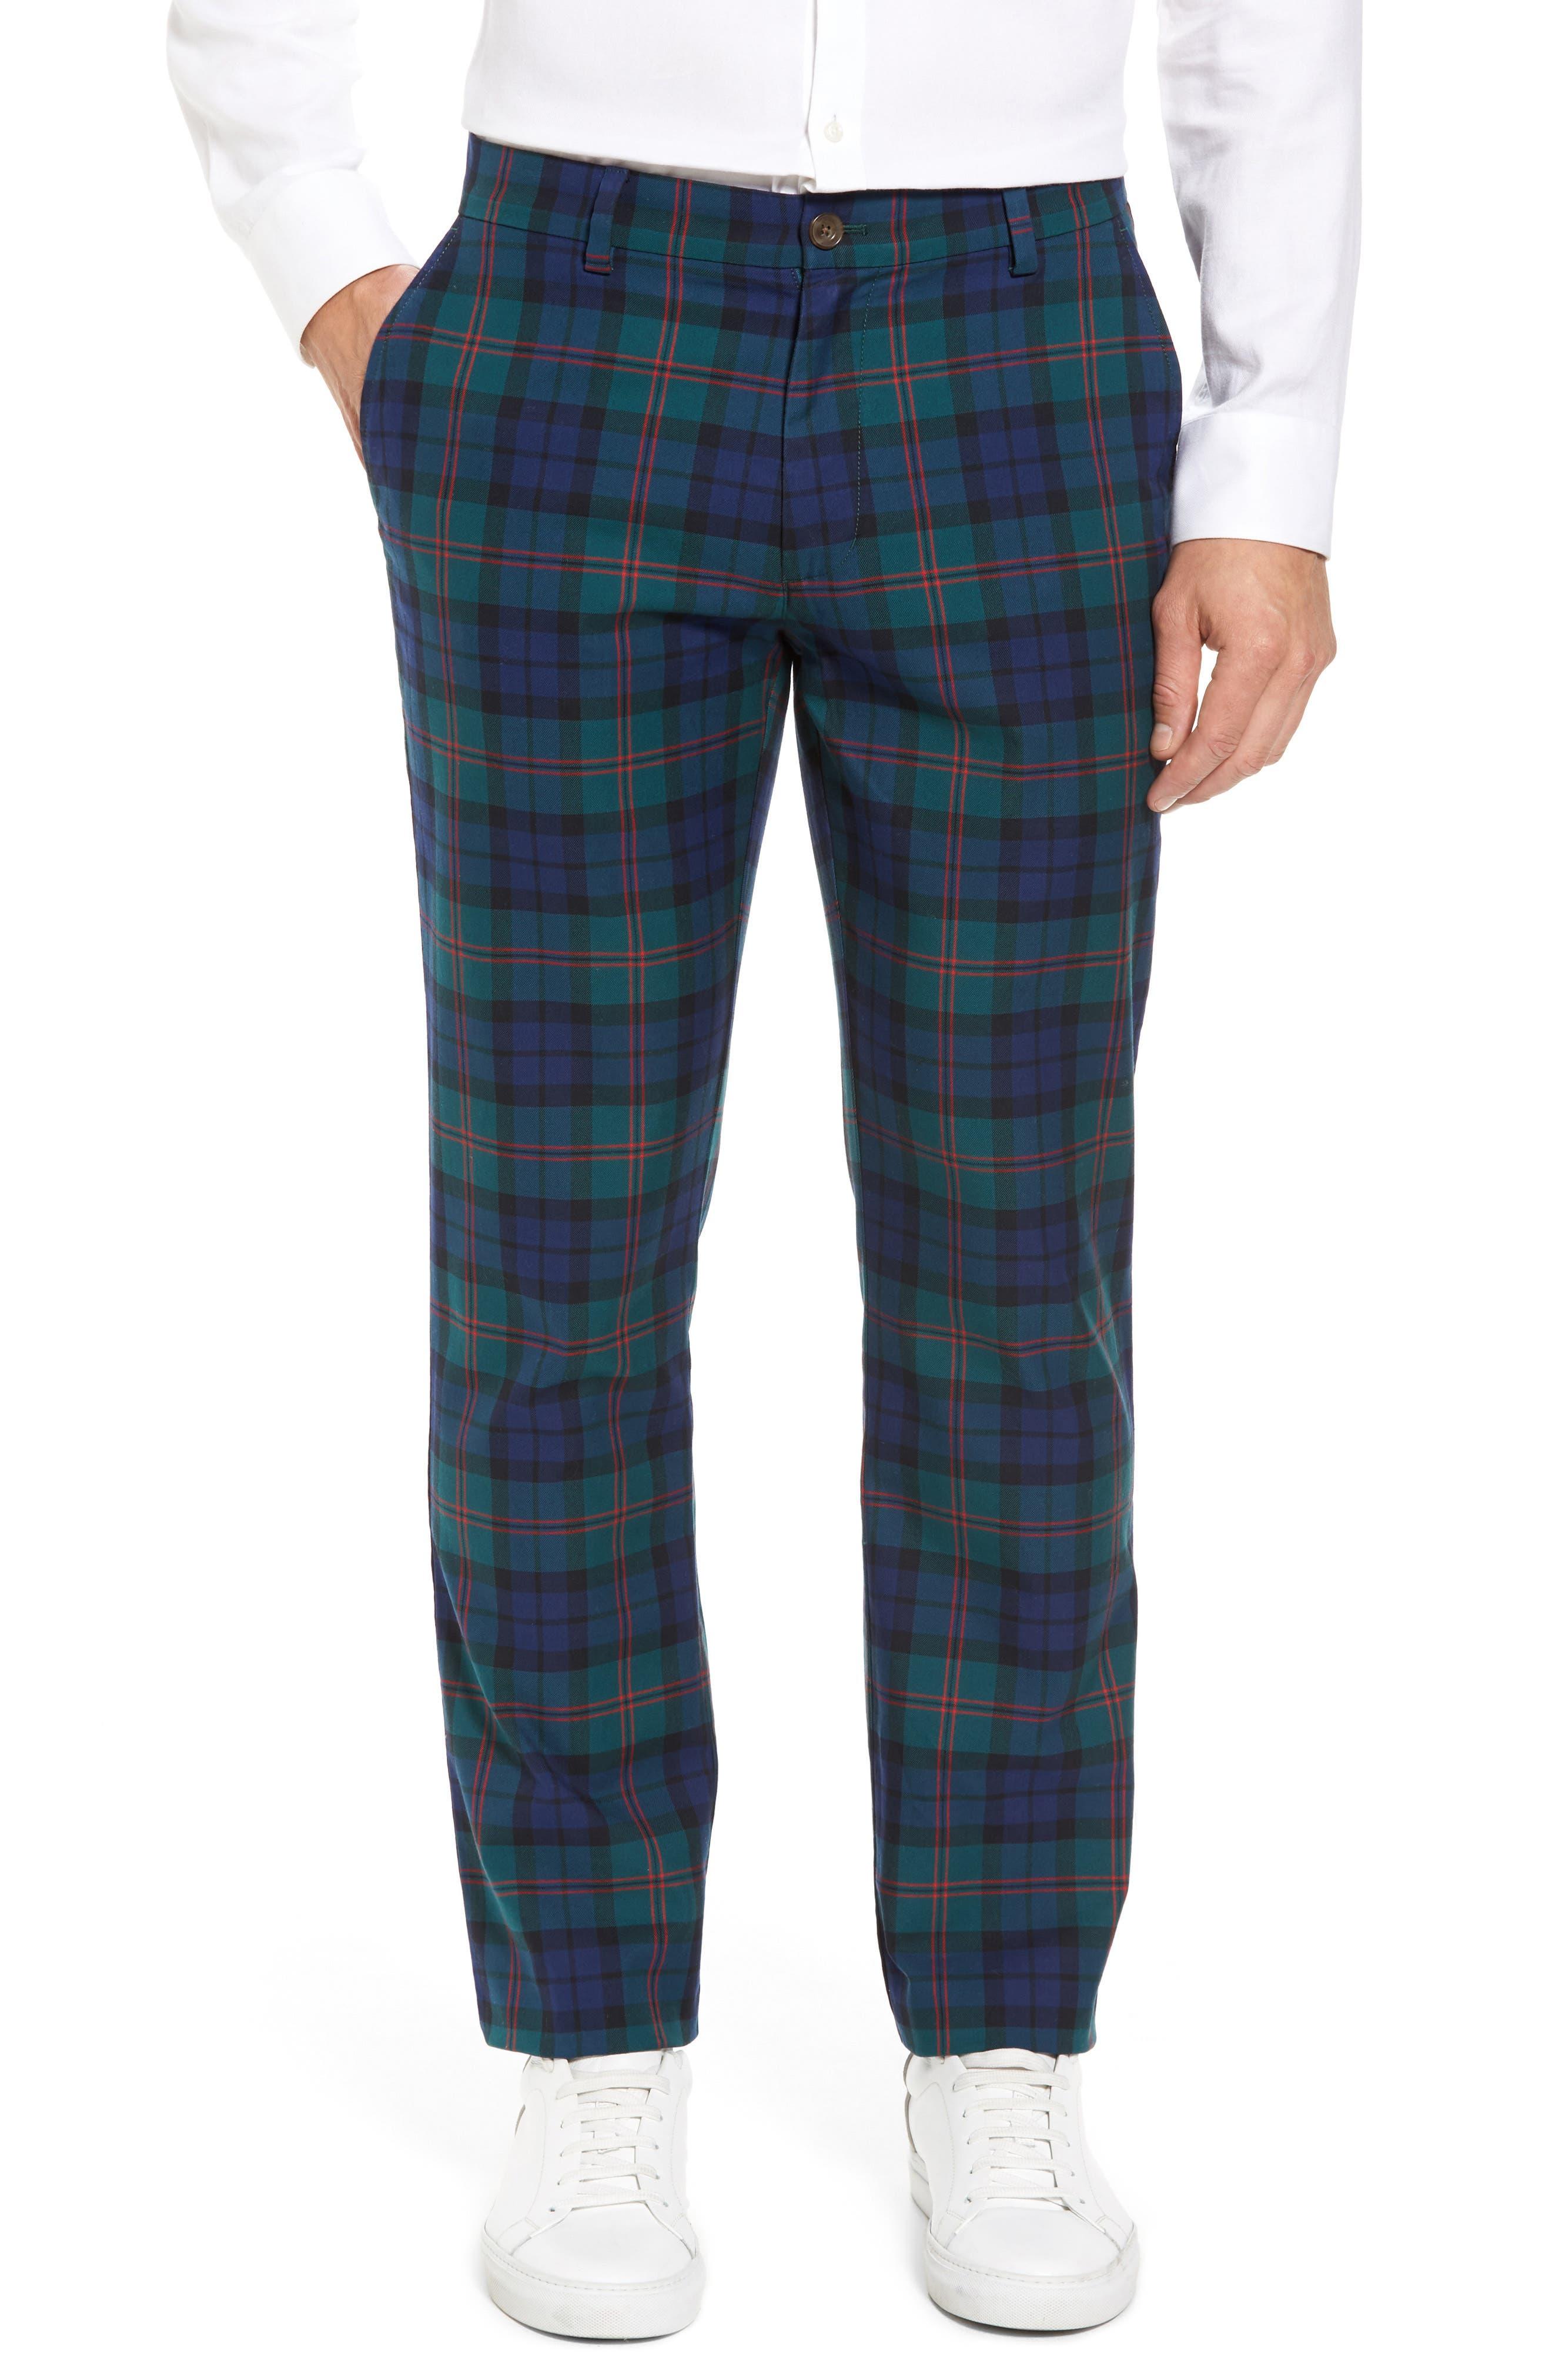 Breaker Holiday Tartan Pants,                         Main,                         color, Charleston Green